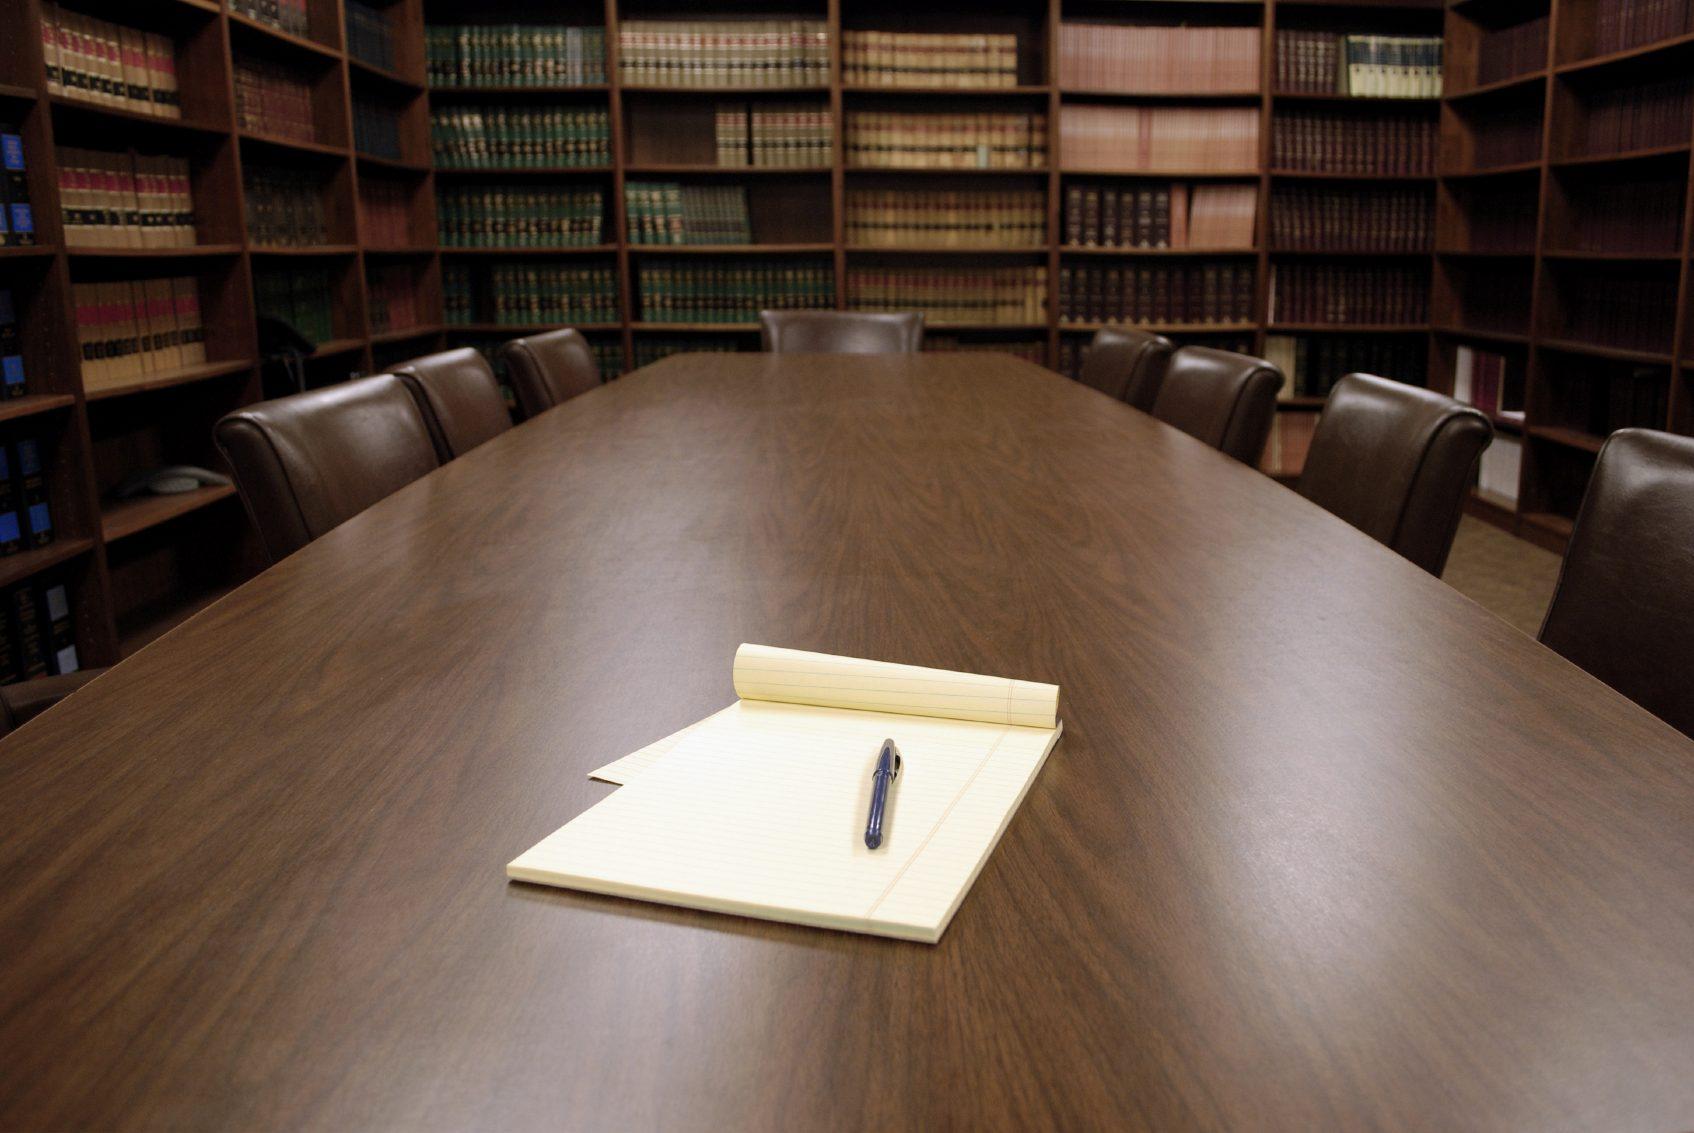 Ventajas de una consultoría de calidad de la norma ISO 9001 en despacho de abogados